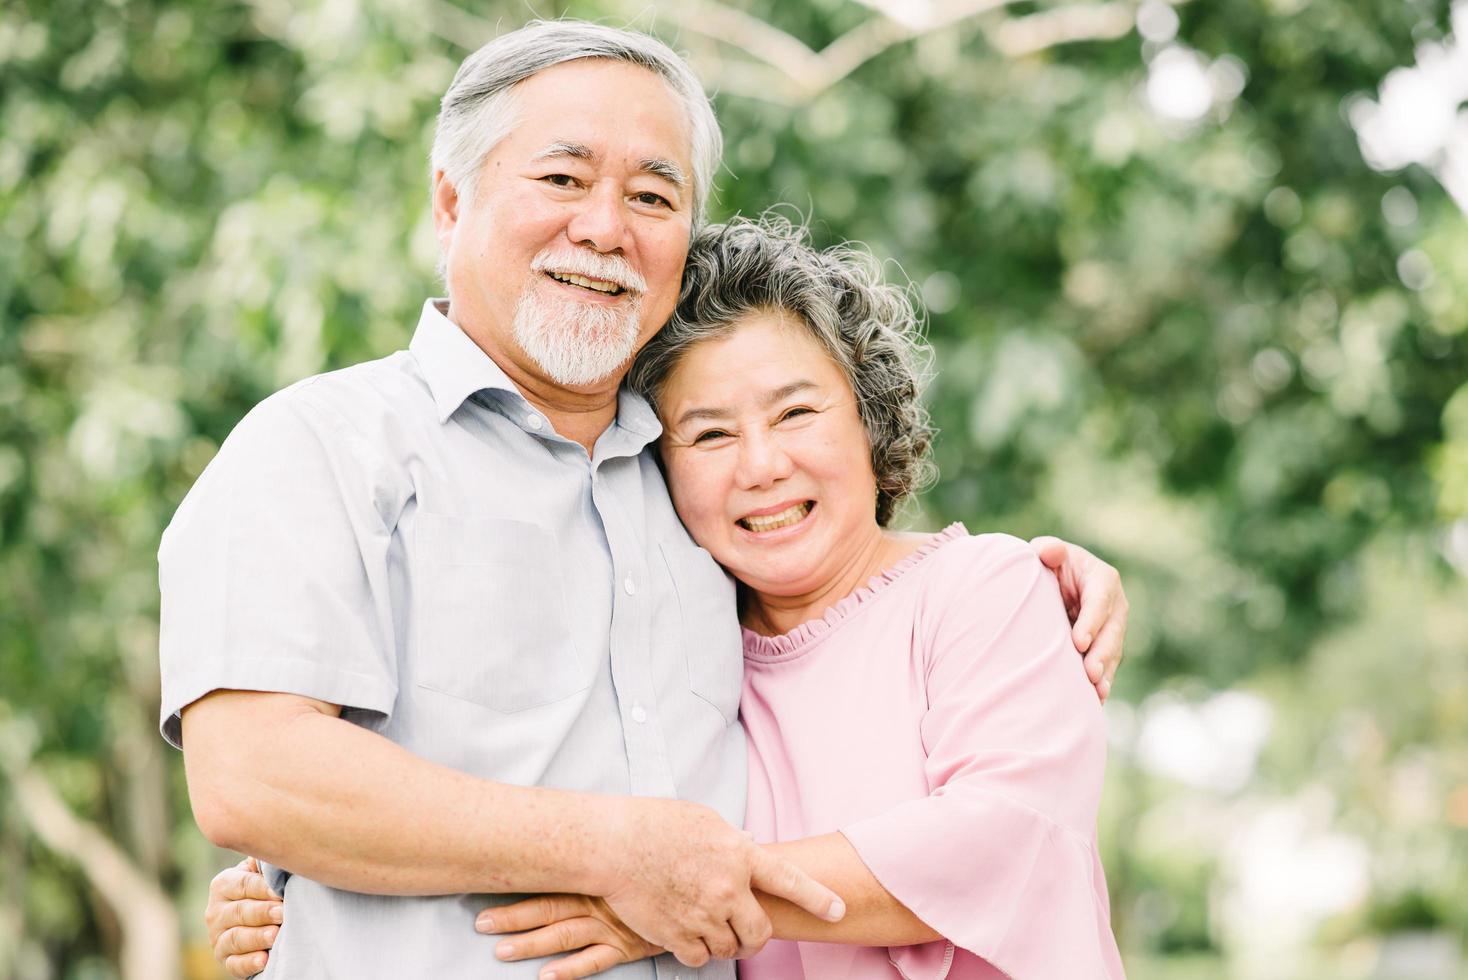 äldre par som omfamnar i utomhusparken foto